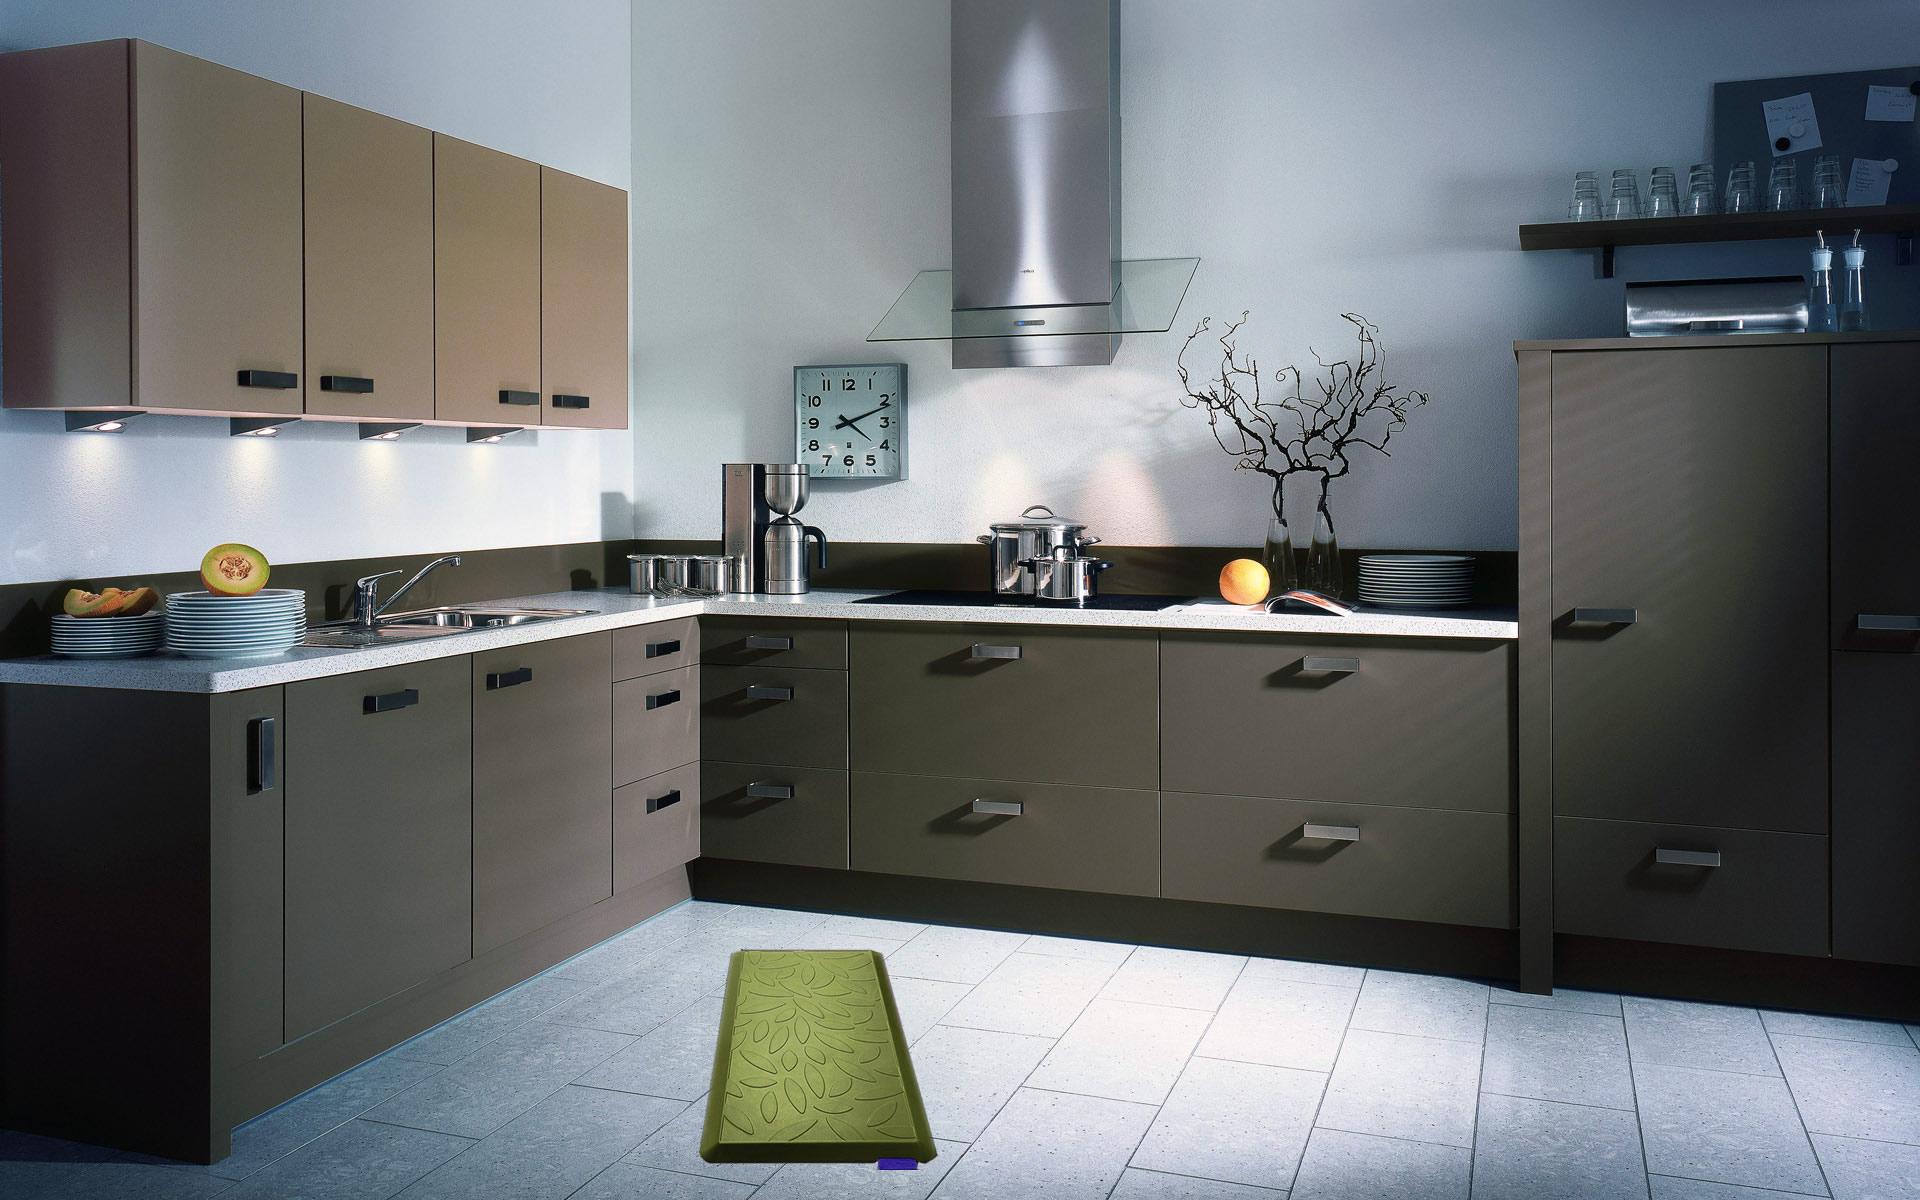 kitchen mats easy clean cushioned kitchen floor mats kitchens design c